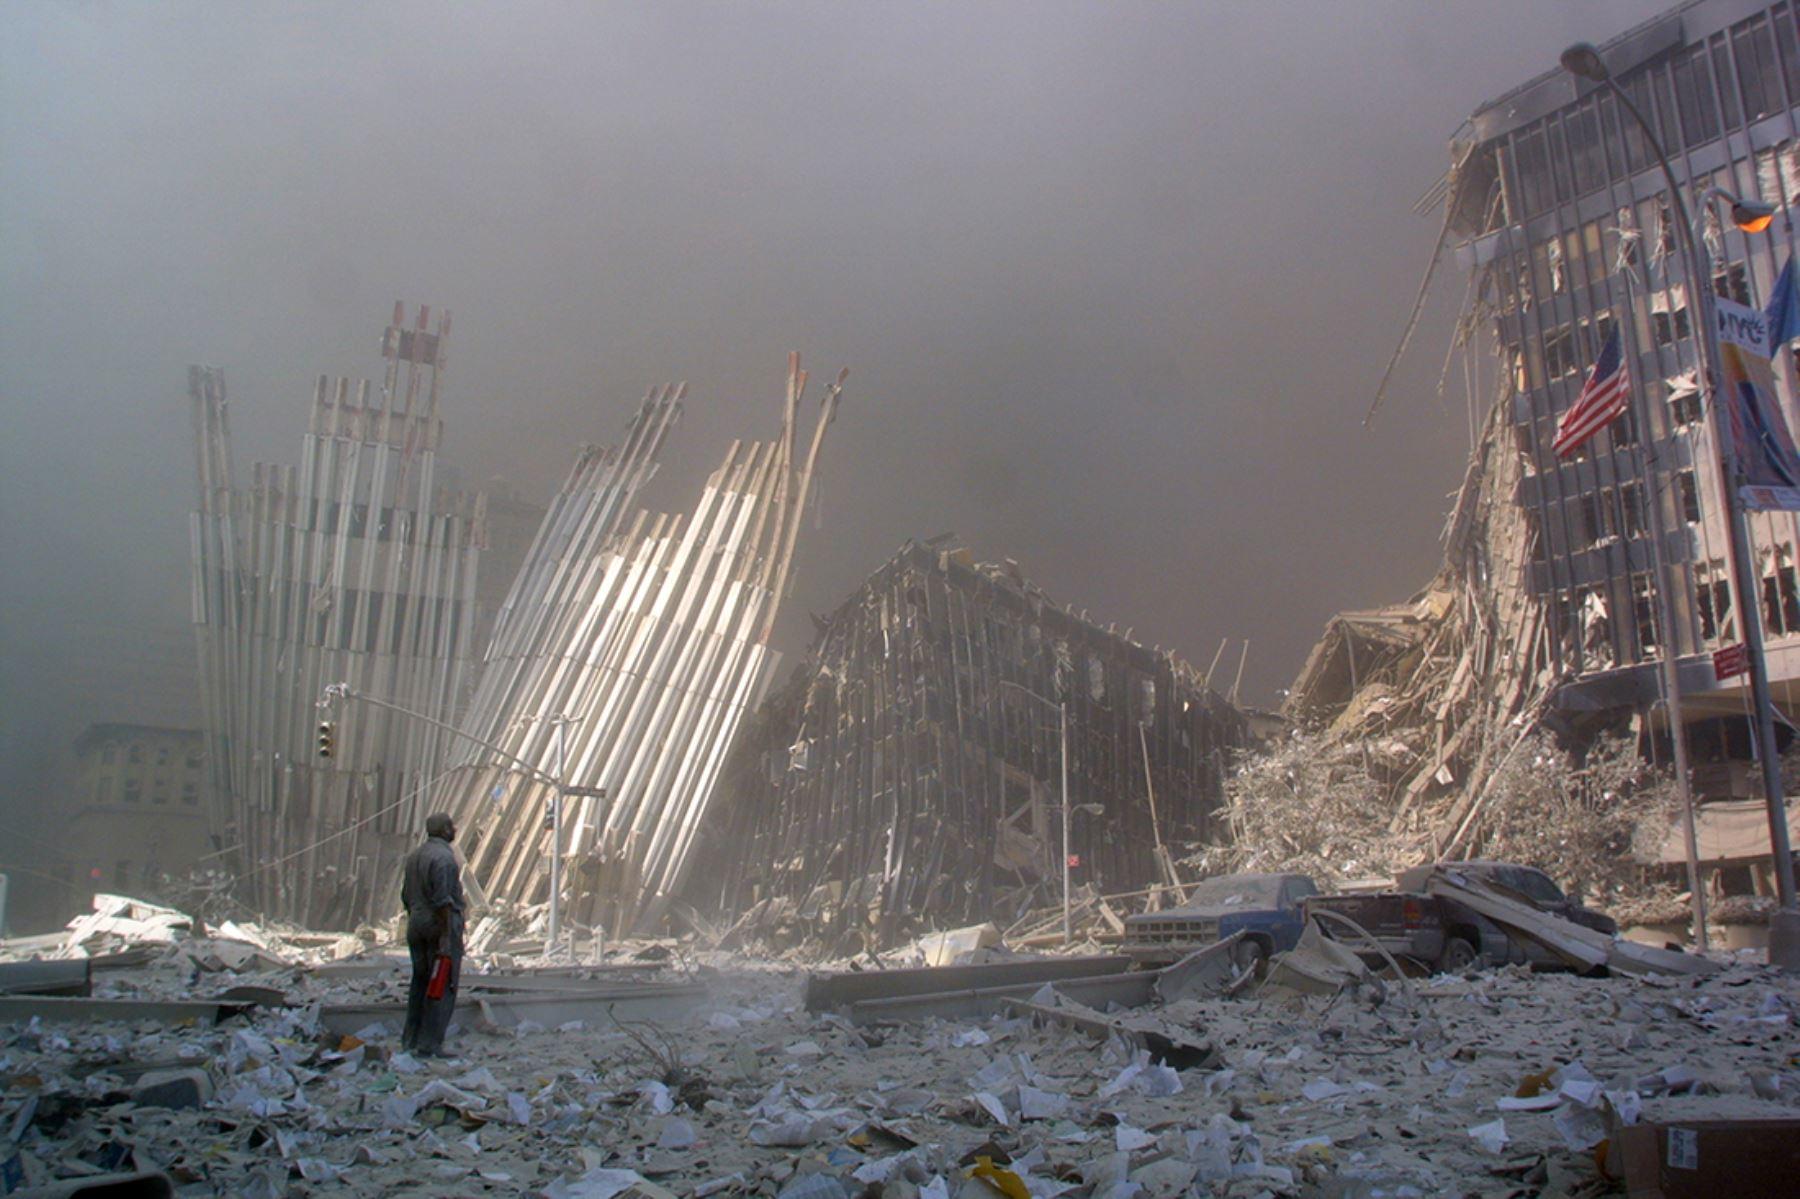 Un hombre de pie entre los escombros y preguntando si alguien necesita ayuda después del colapso de la primera Torre del World Trade Center en la ciudad de Nueva York el 11 de setiembre de 2001. Foto: AFP